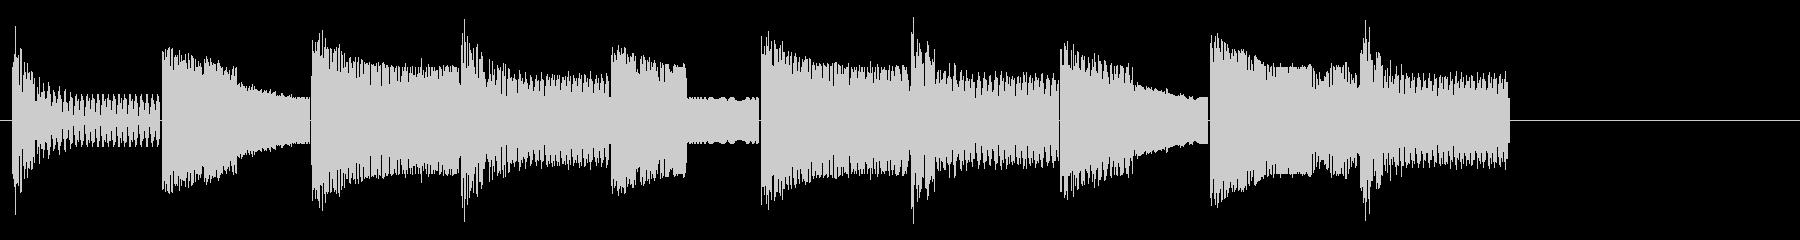 本格的ファミコンのハロウィンジングルの未再生の波形